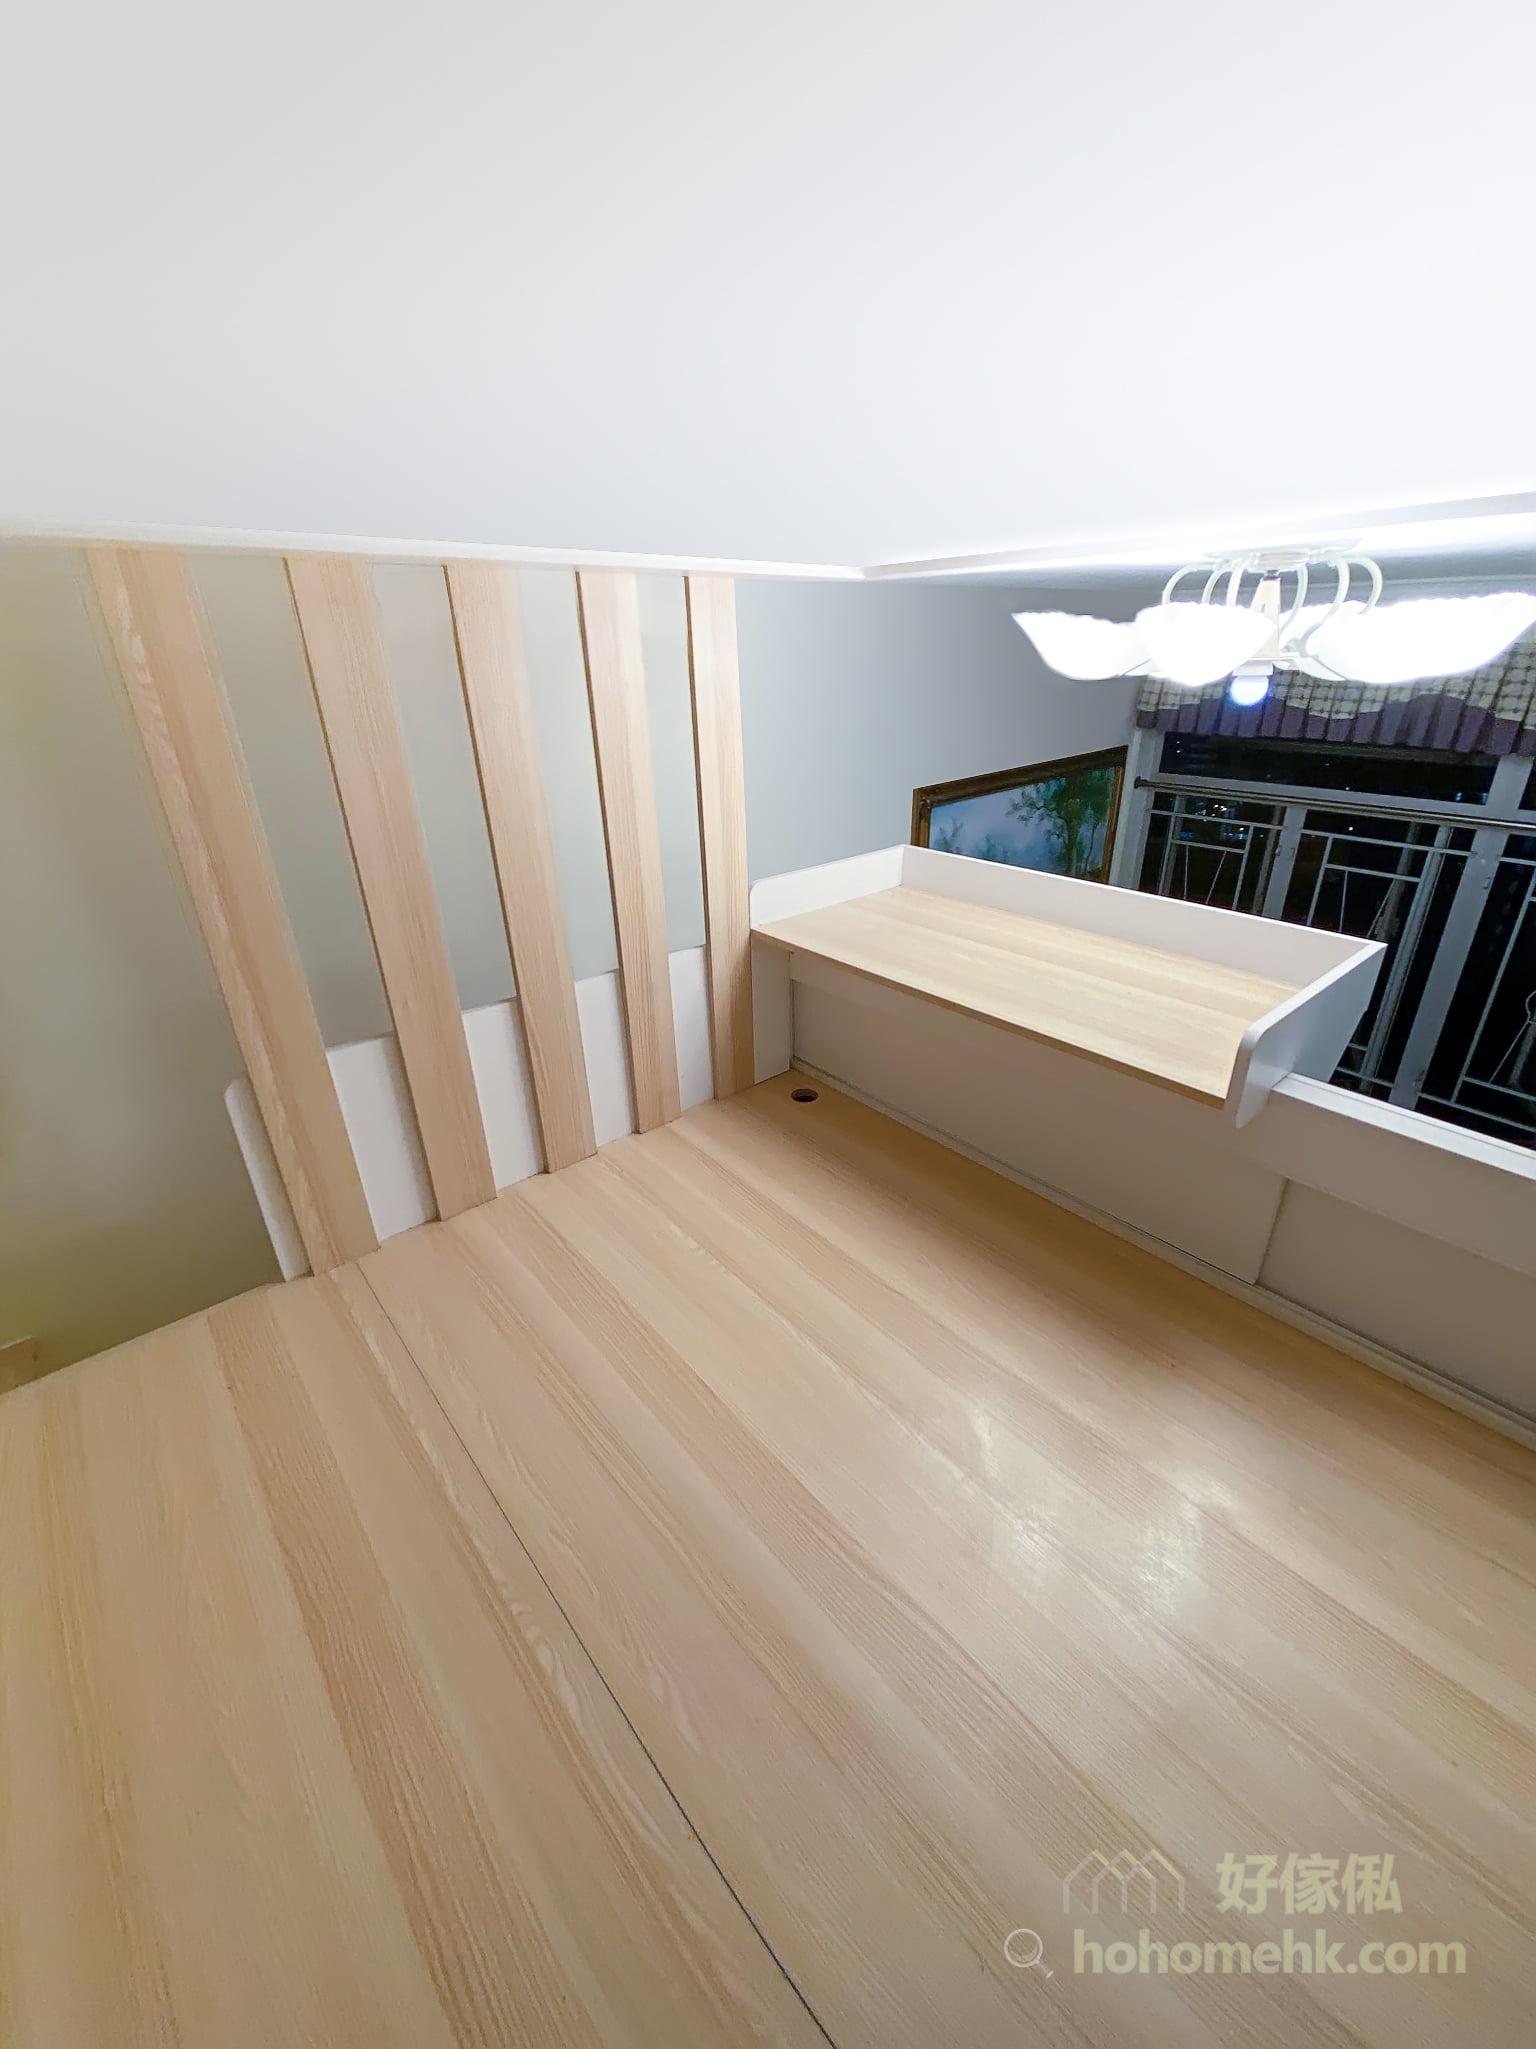 其實閣樓都可以擁有一張坐得舒服的小書枱,在閣樓朝廳的圍欄上,加配一張小書枱層板,桌面也設有小圍欄,防止文件、文具掉落地面